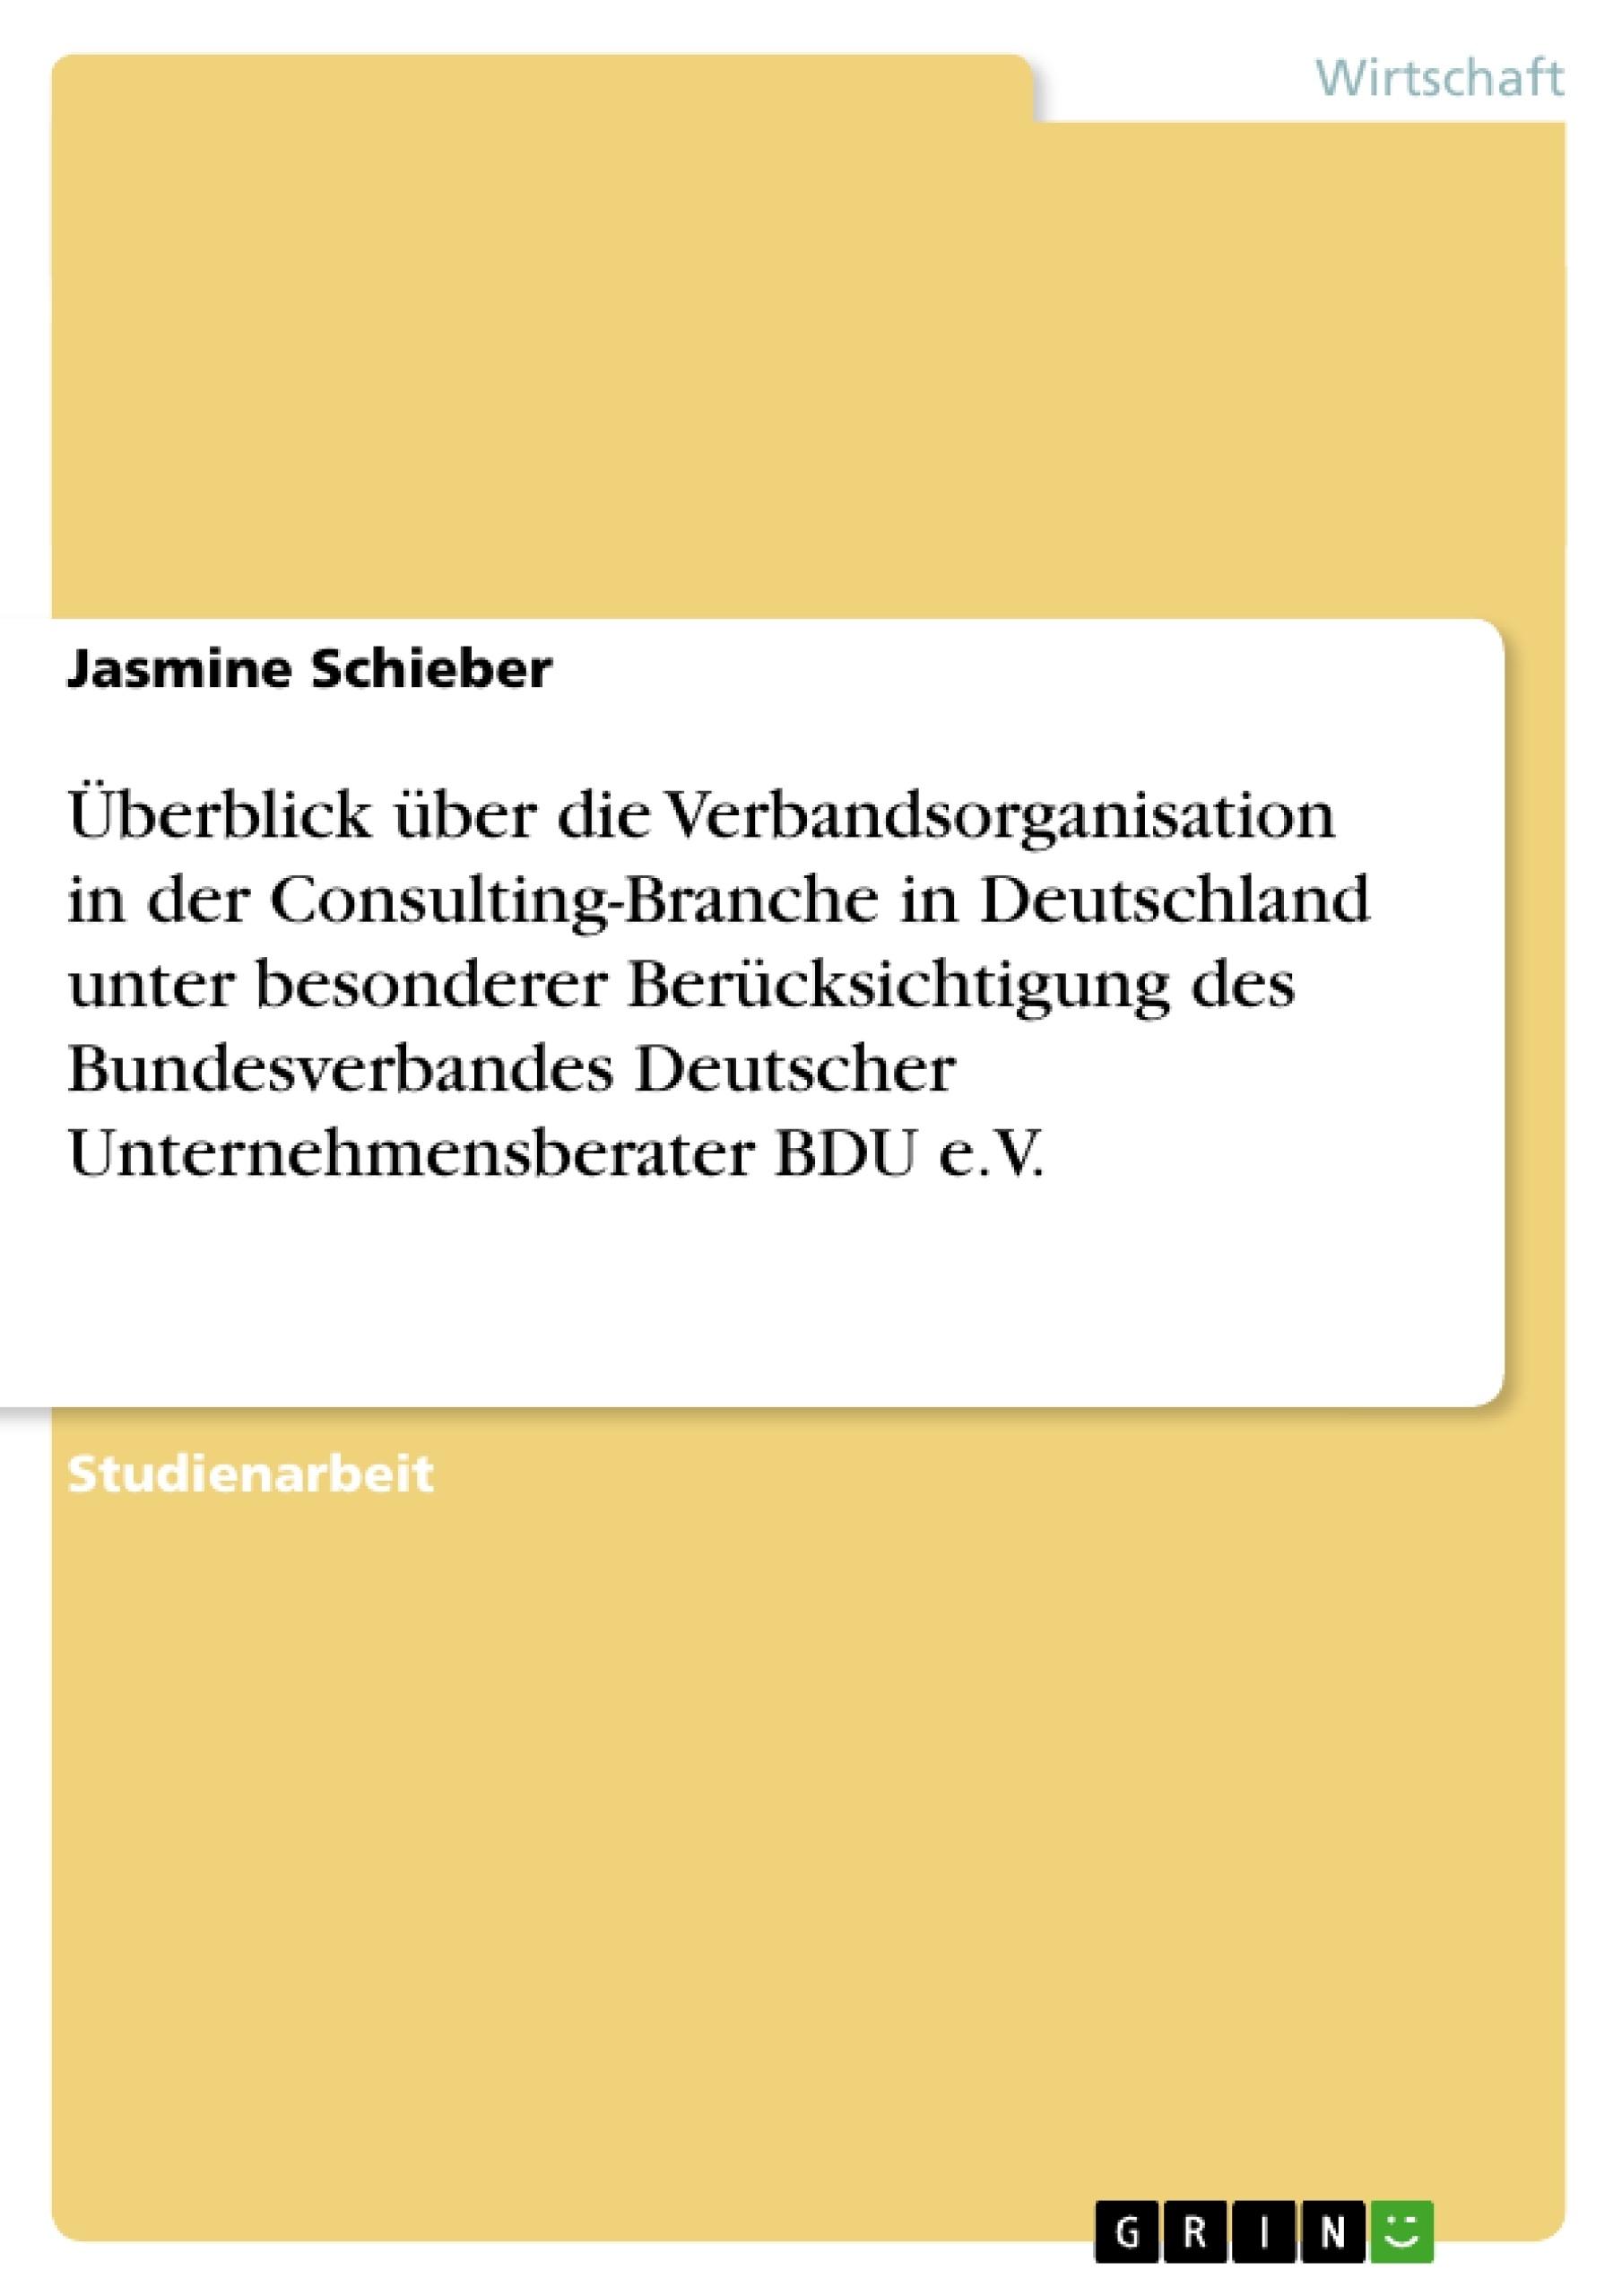 Titel: Überblick über die Verbandsorganisation in der Consulting-Branche in Deutschland unter besonderer Berücksichtigung des Bundesverbandes Deutscher Unternehmensberater BDU e.V.